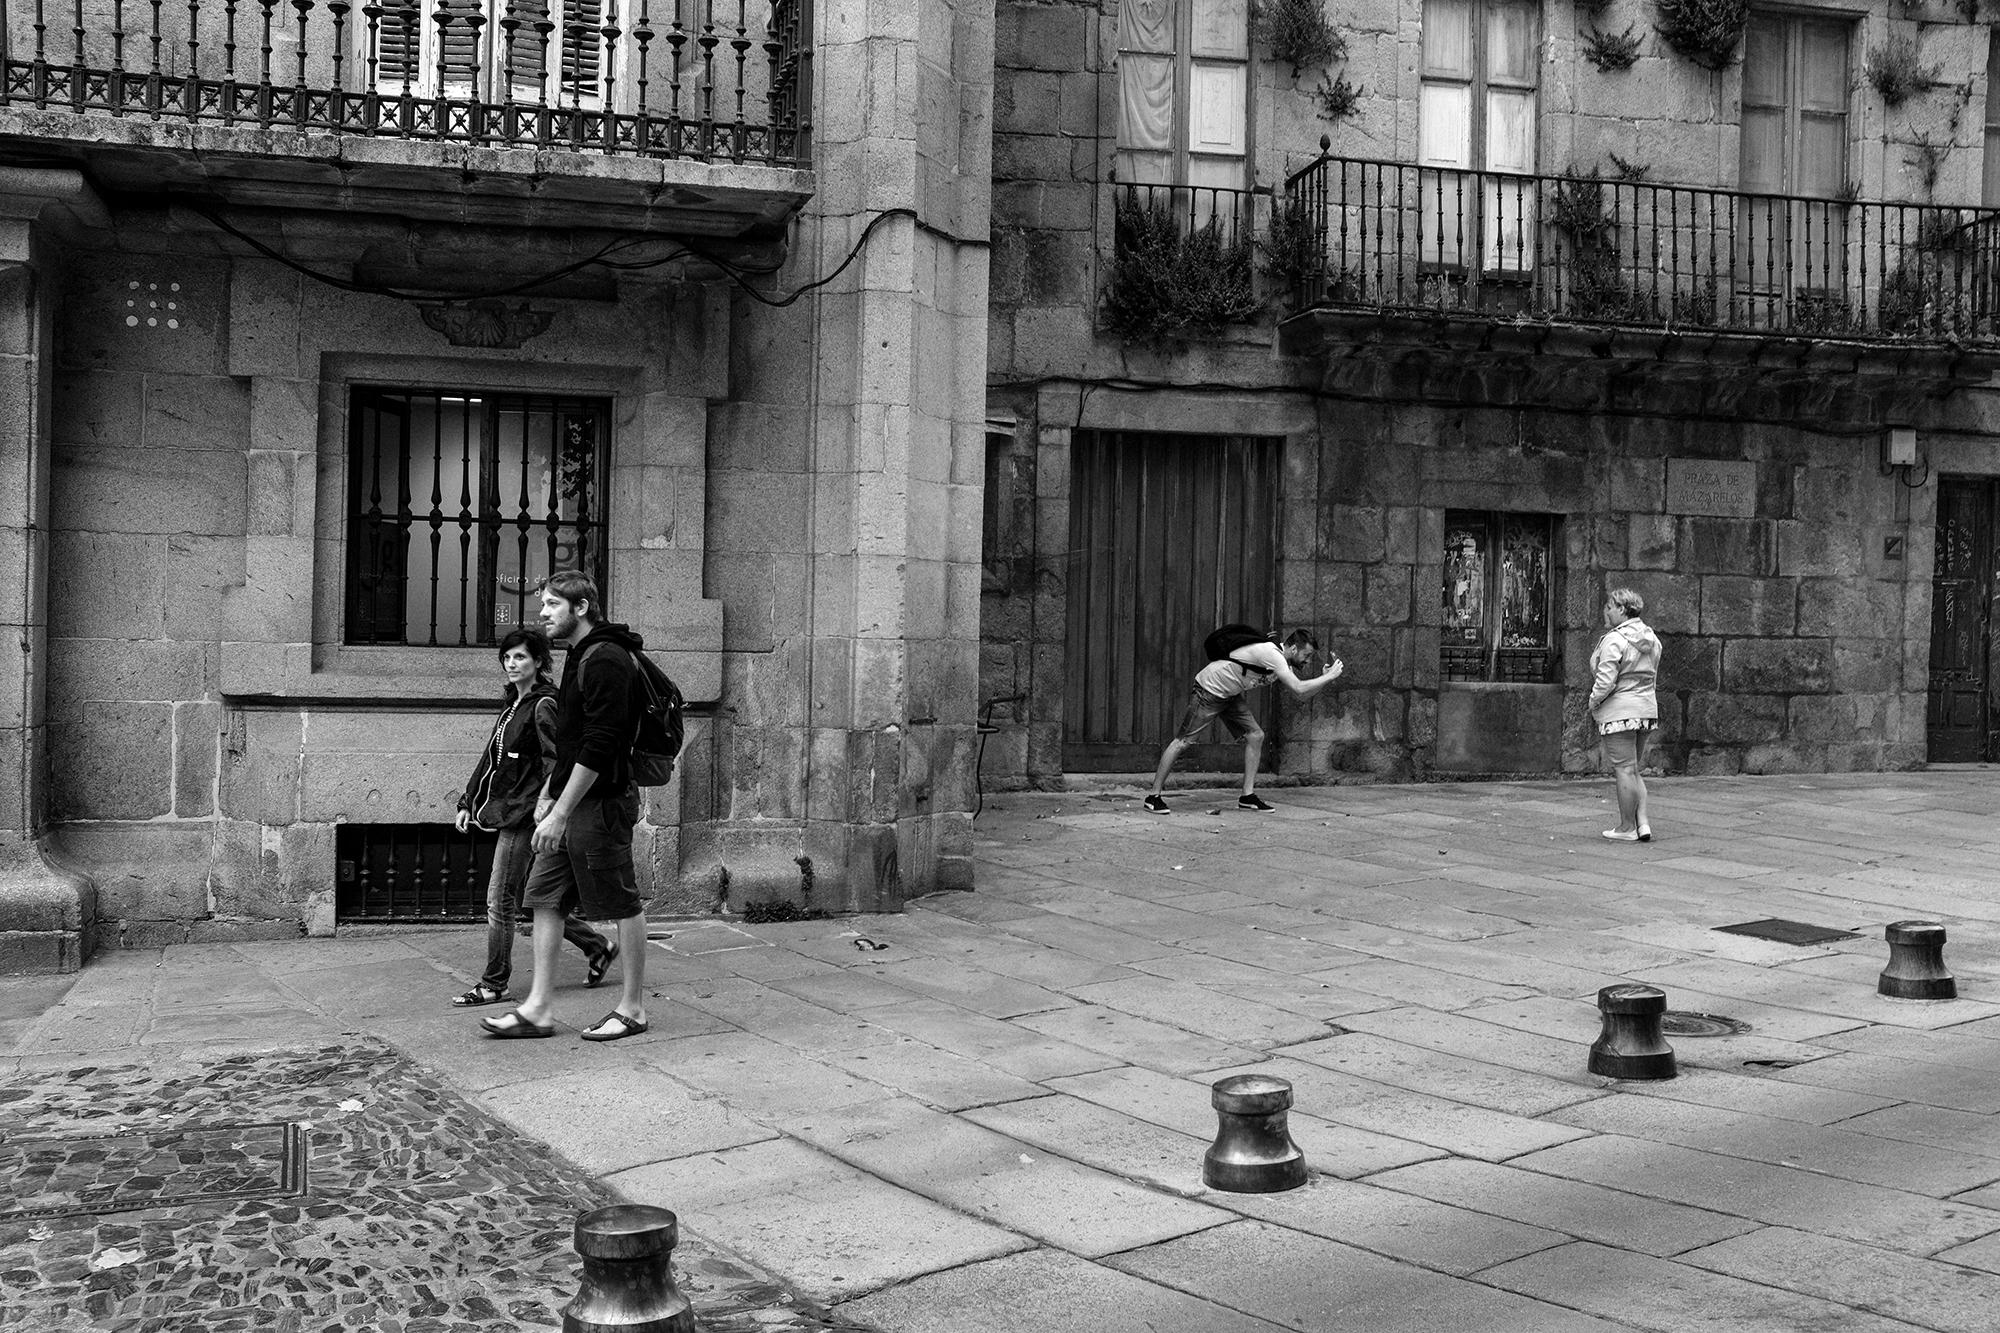 © Rodrigo Cabral Santiago de Compostela 2019